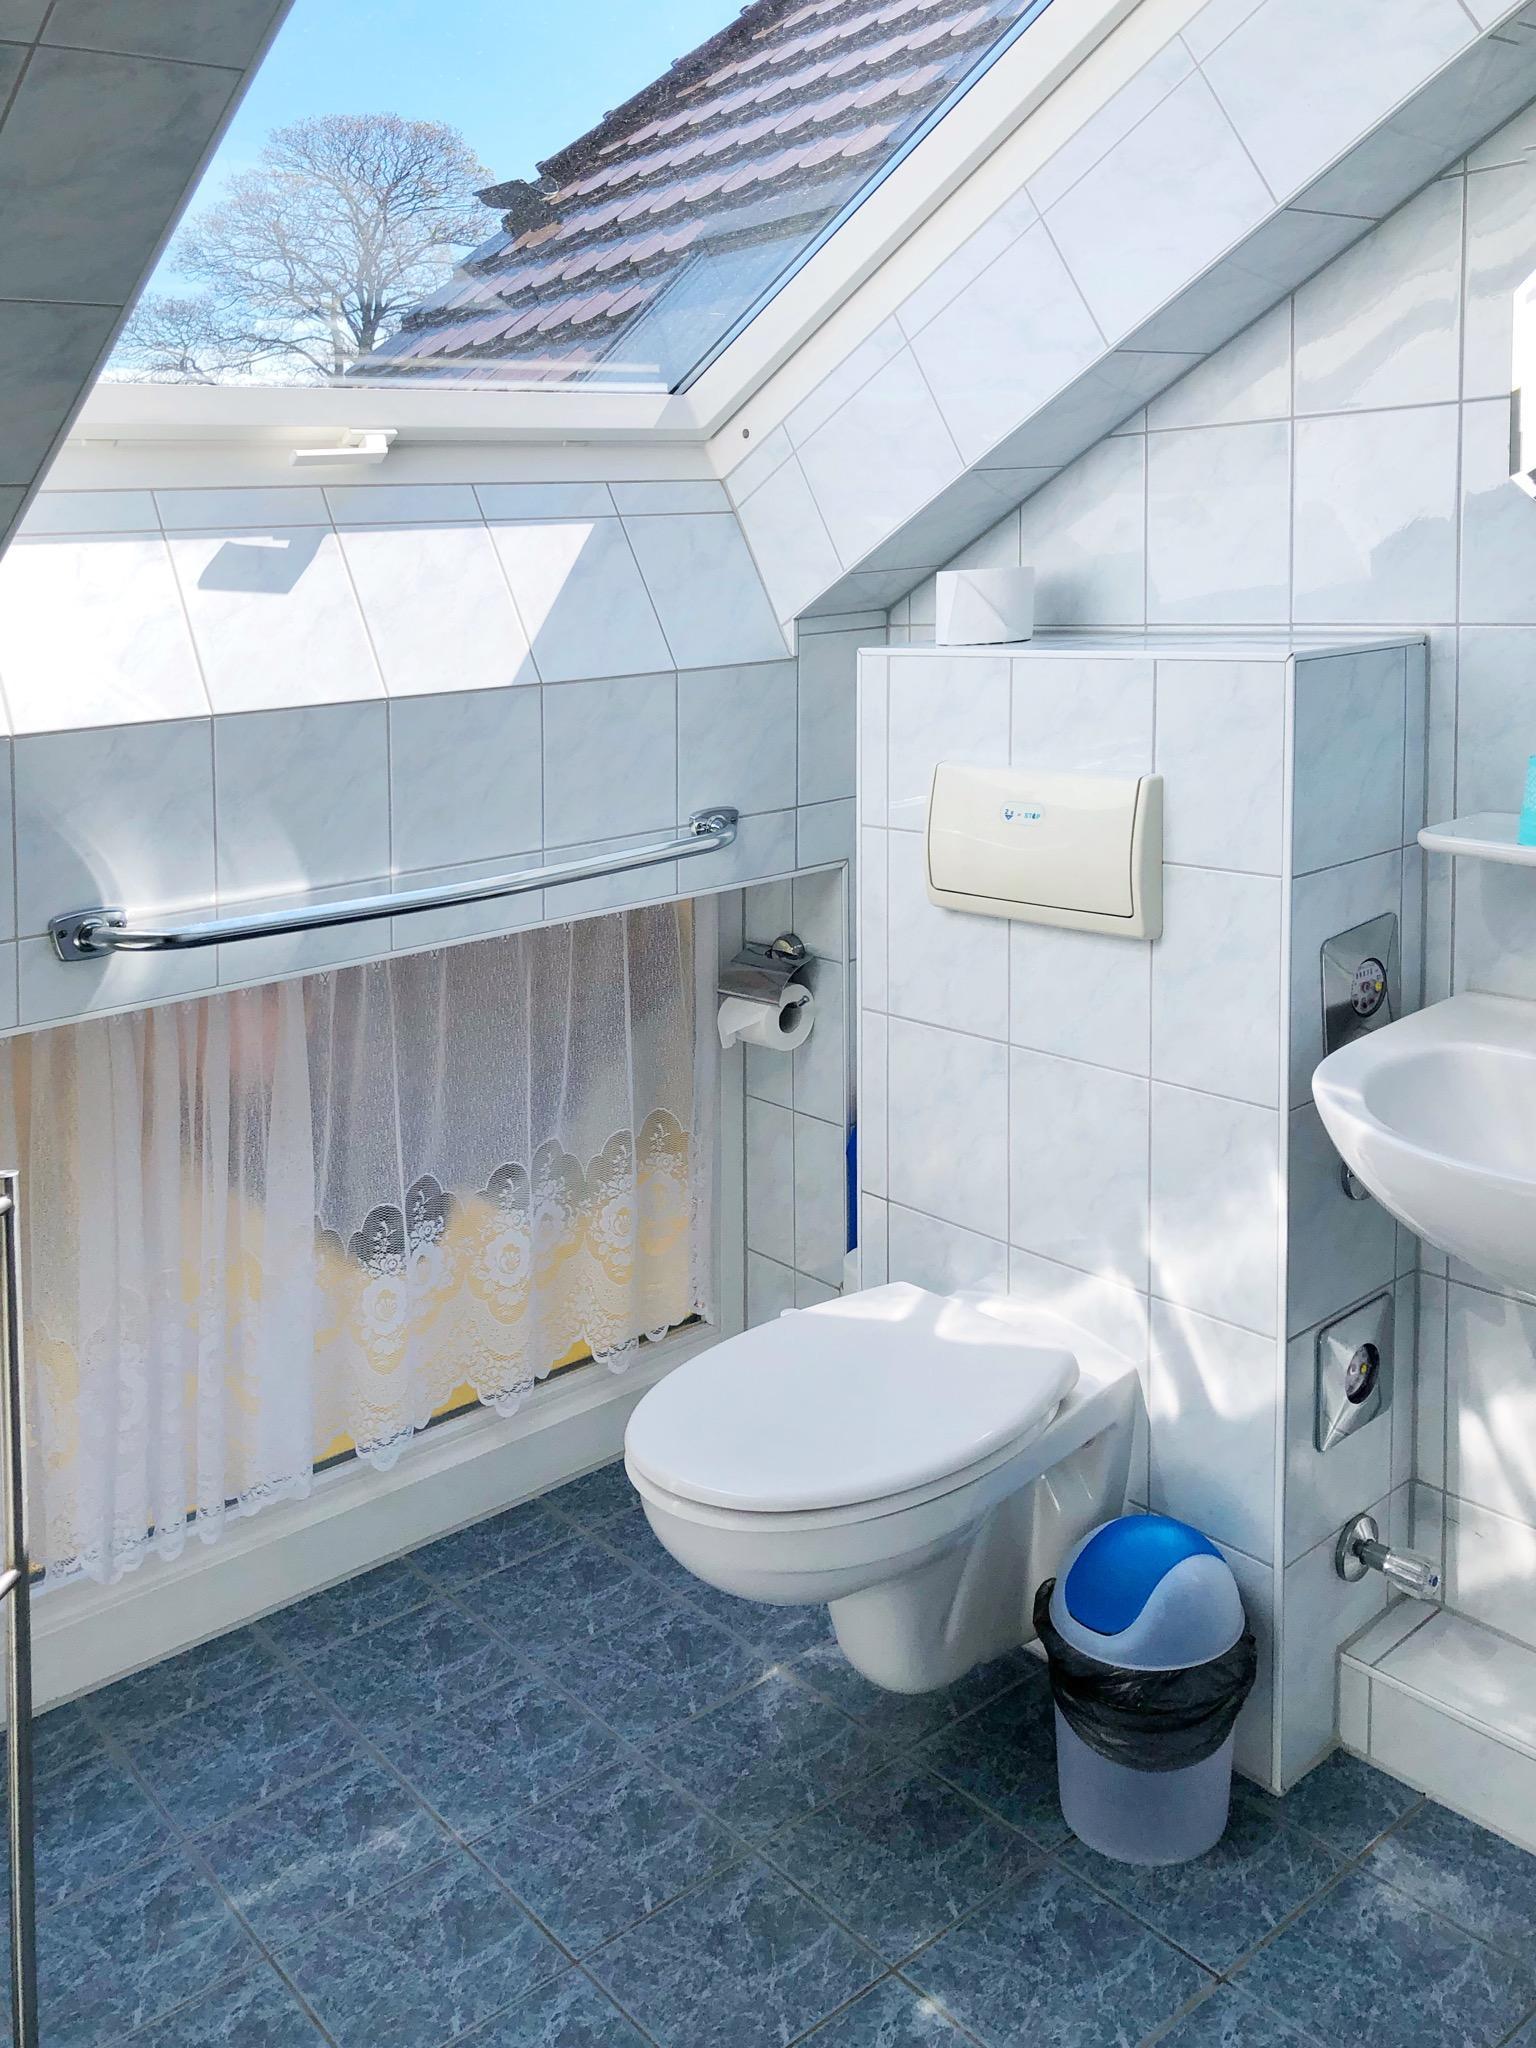 Helles freundliche Dusche /WC